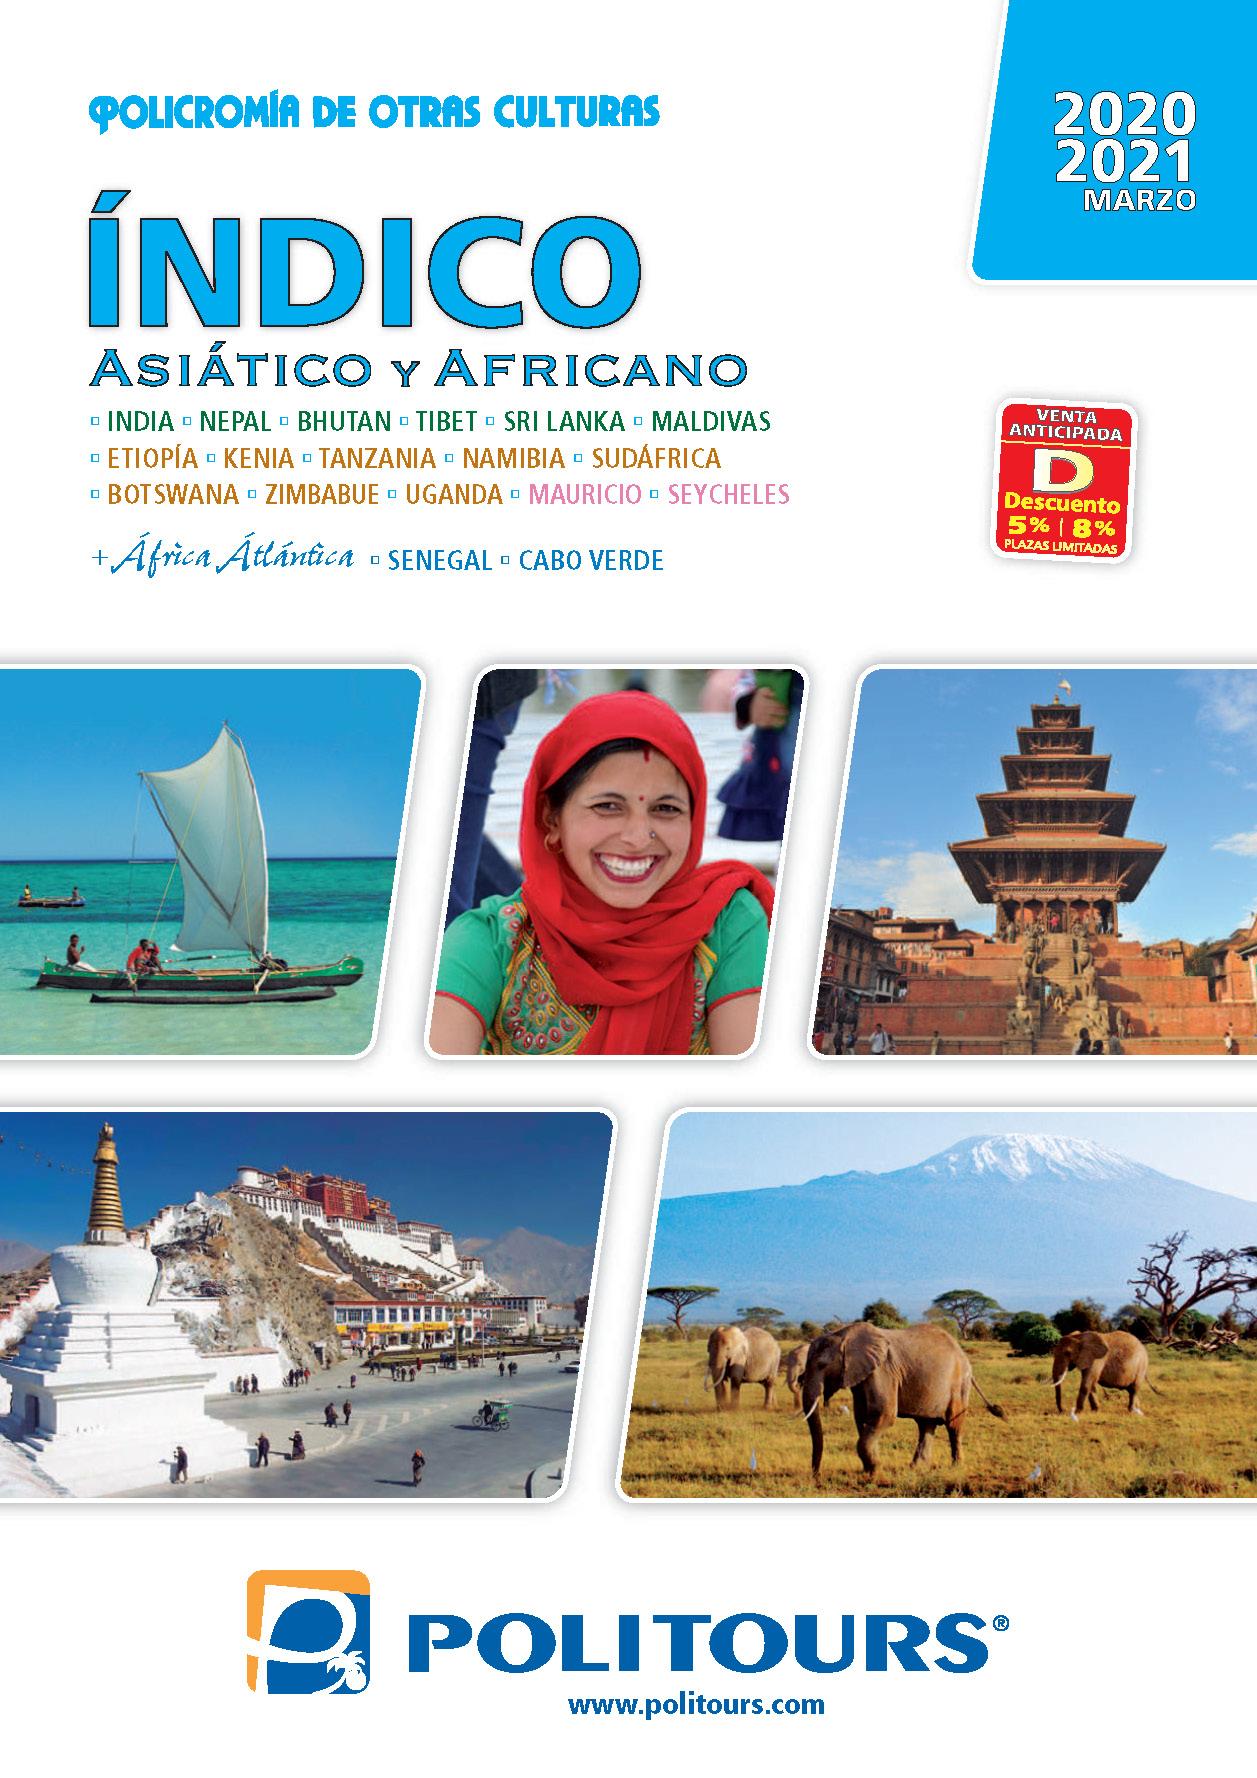 Catalogo Politours Indico Asiatico y Africano 2020-2021